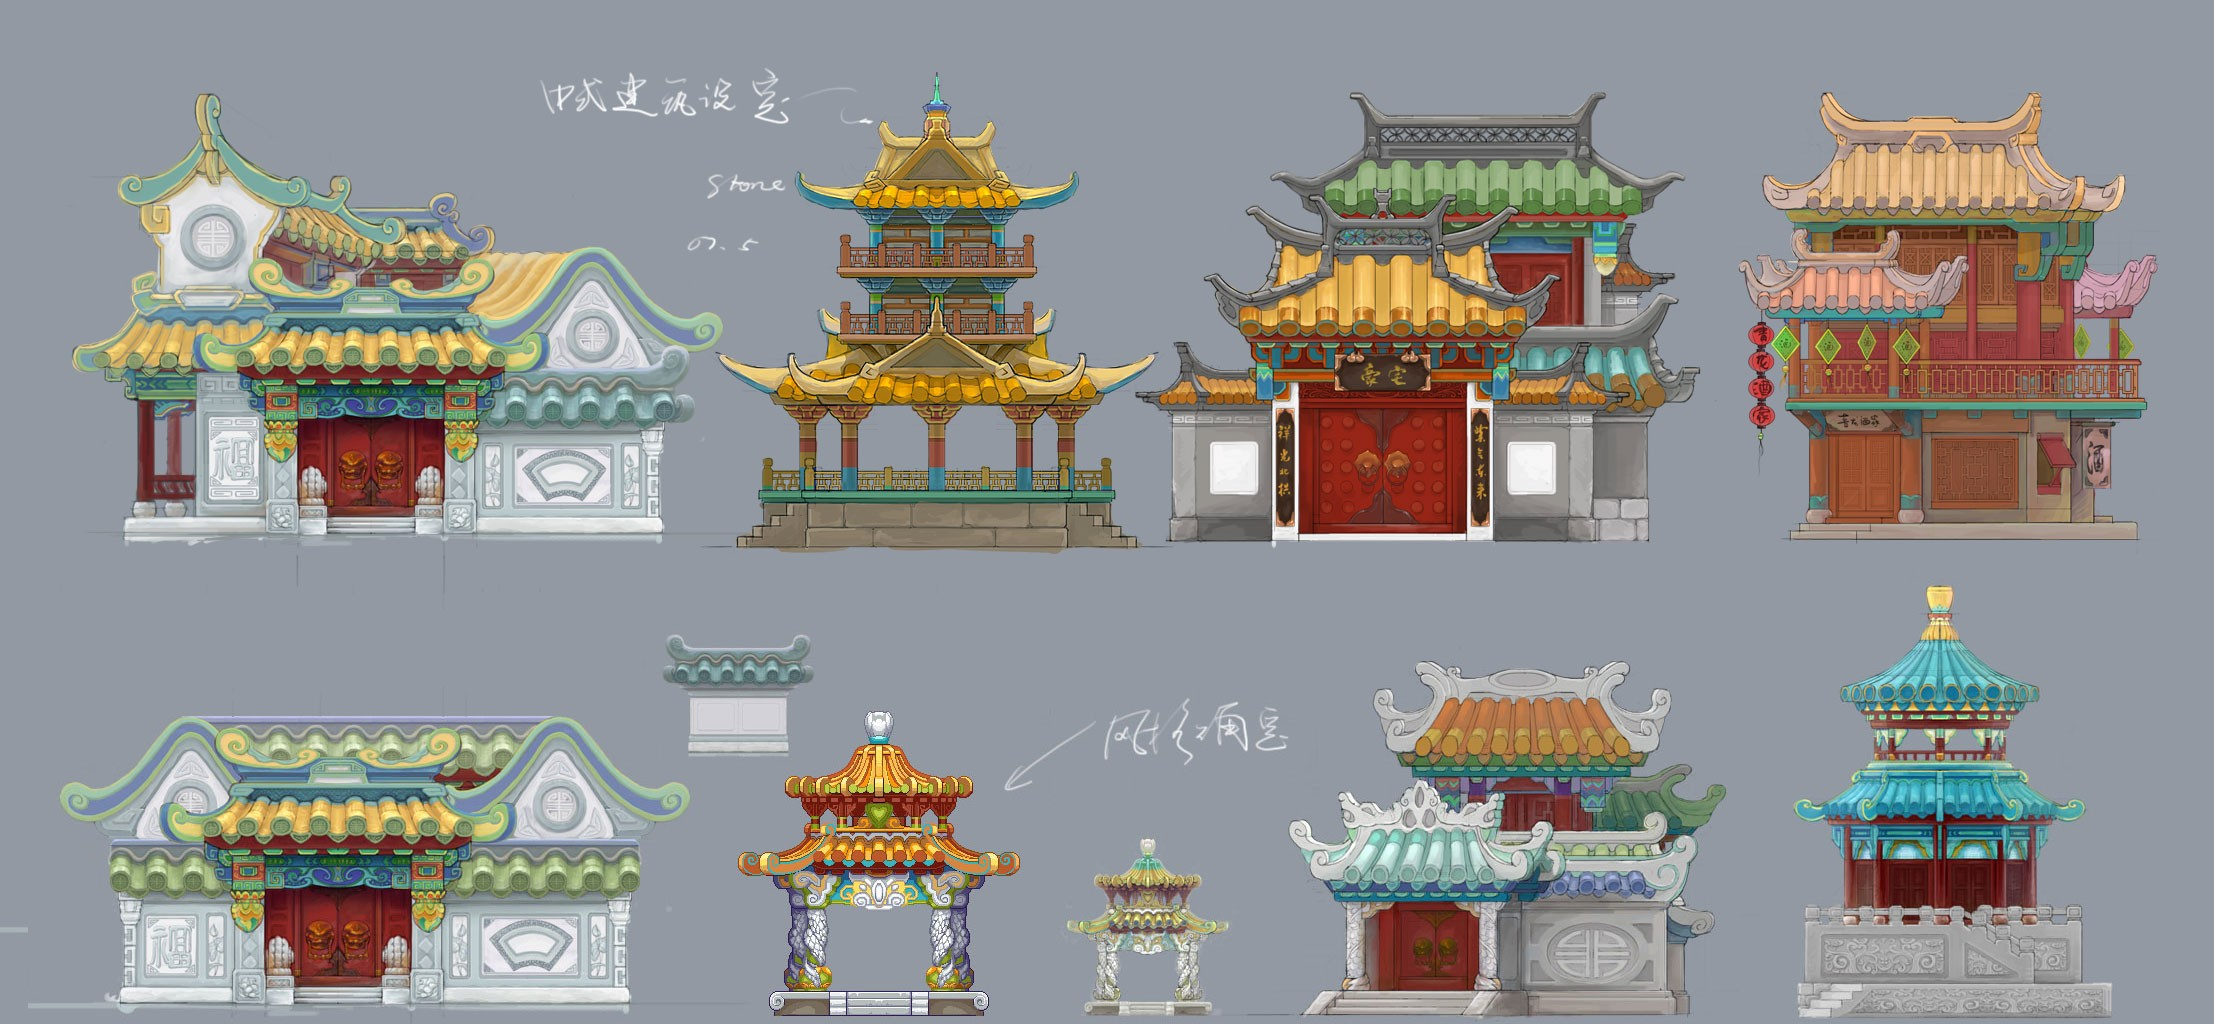 q版网游建筑物设定-中式